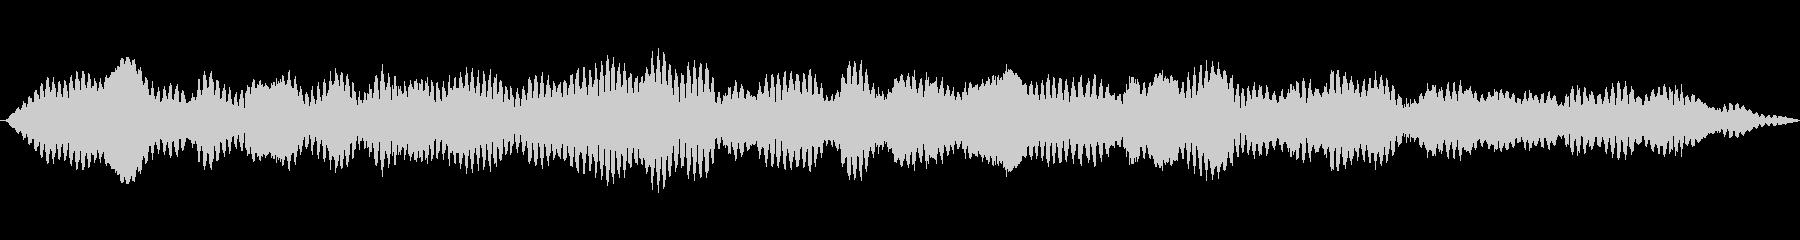 メタリックハーモニックドローン、低...の未再生の波形